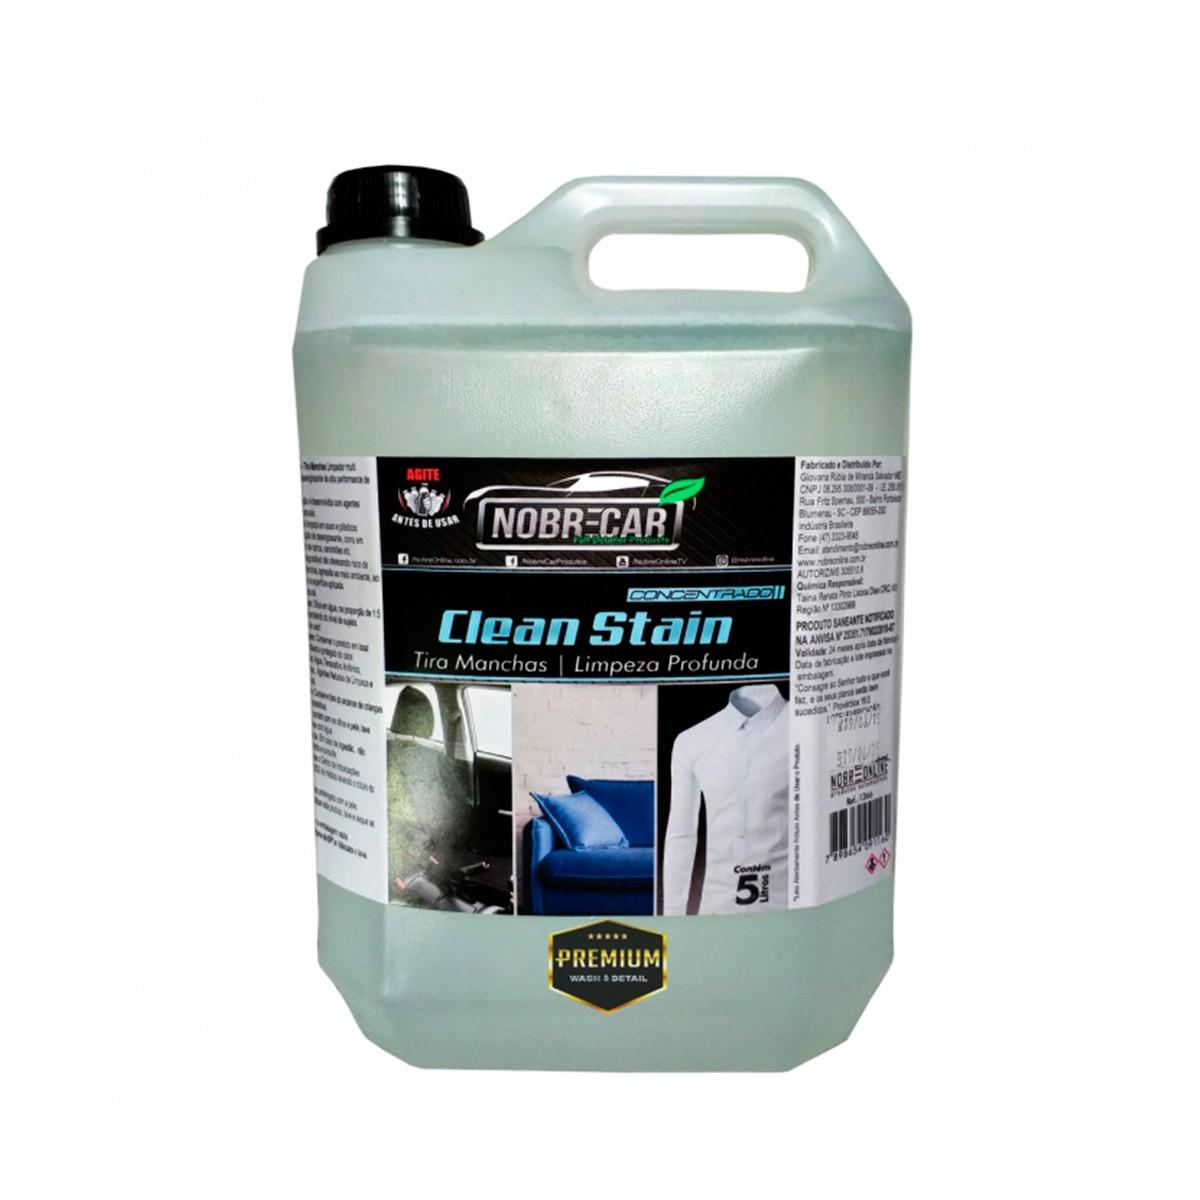 Clean Stain Removedor de Manchas e Limpeza Profunda para Tecidos - Nobrecar